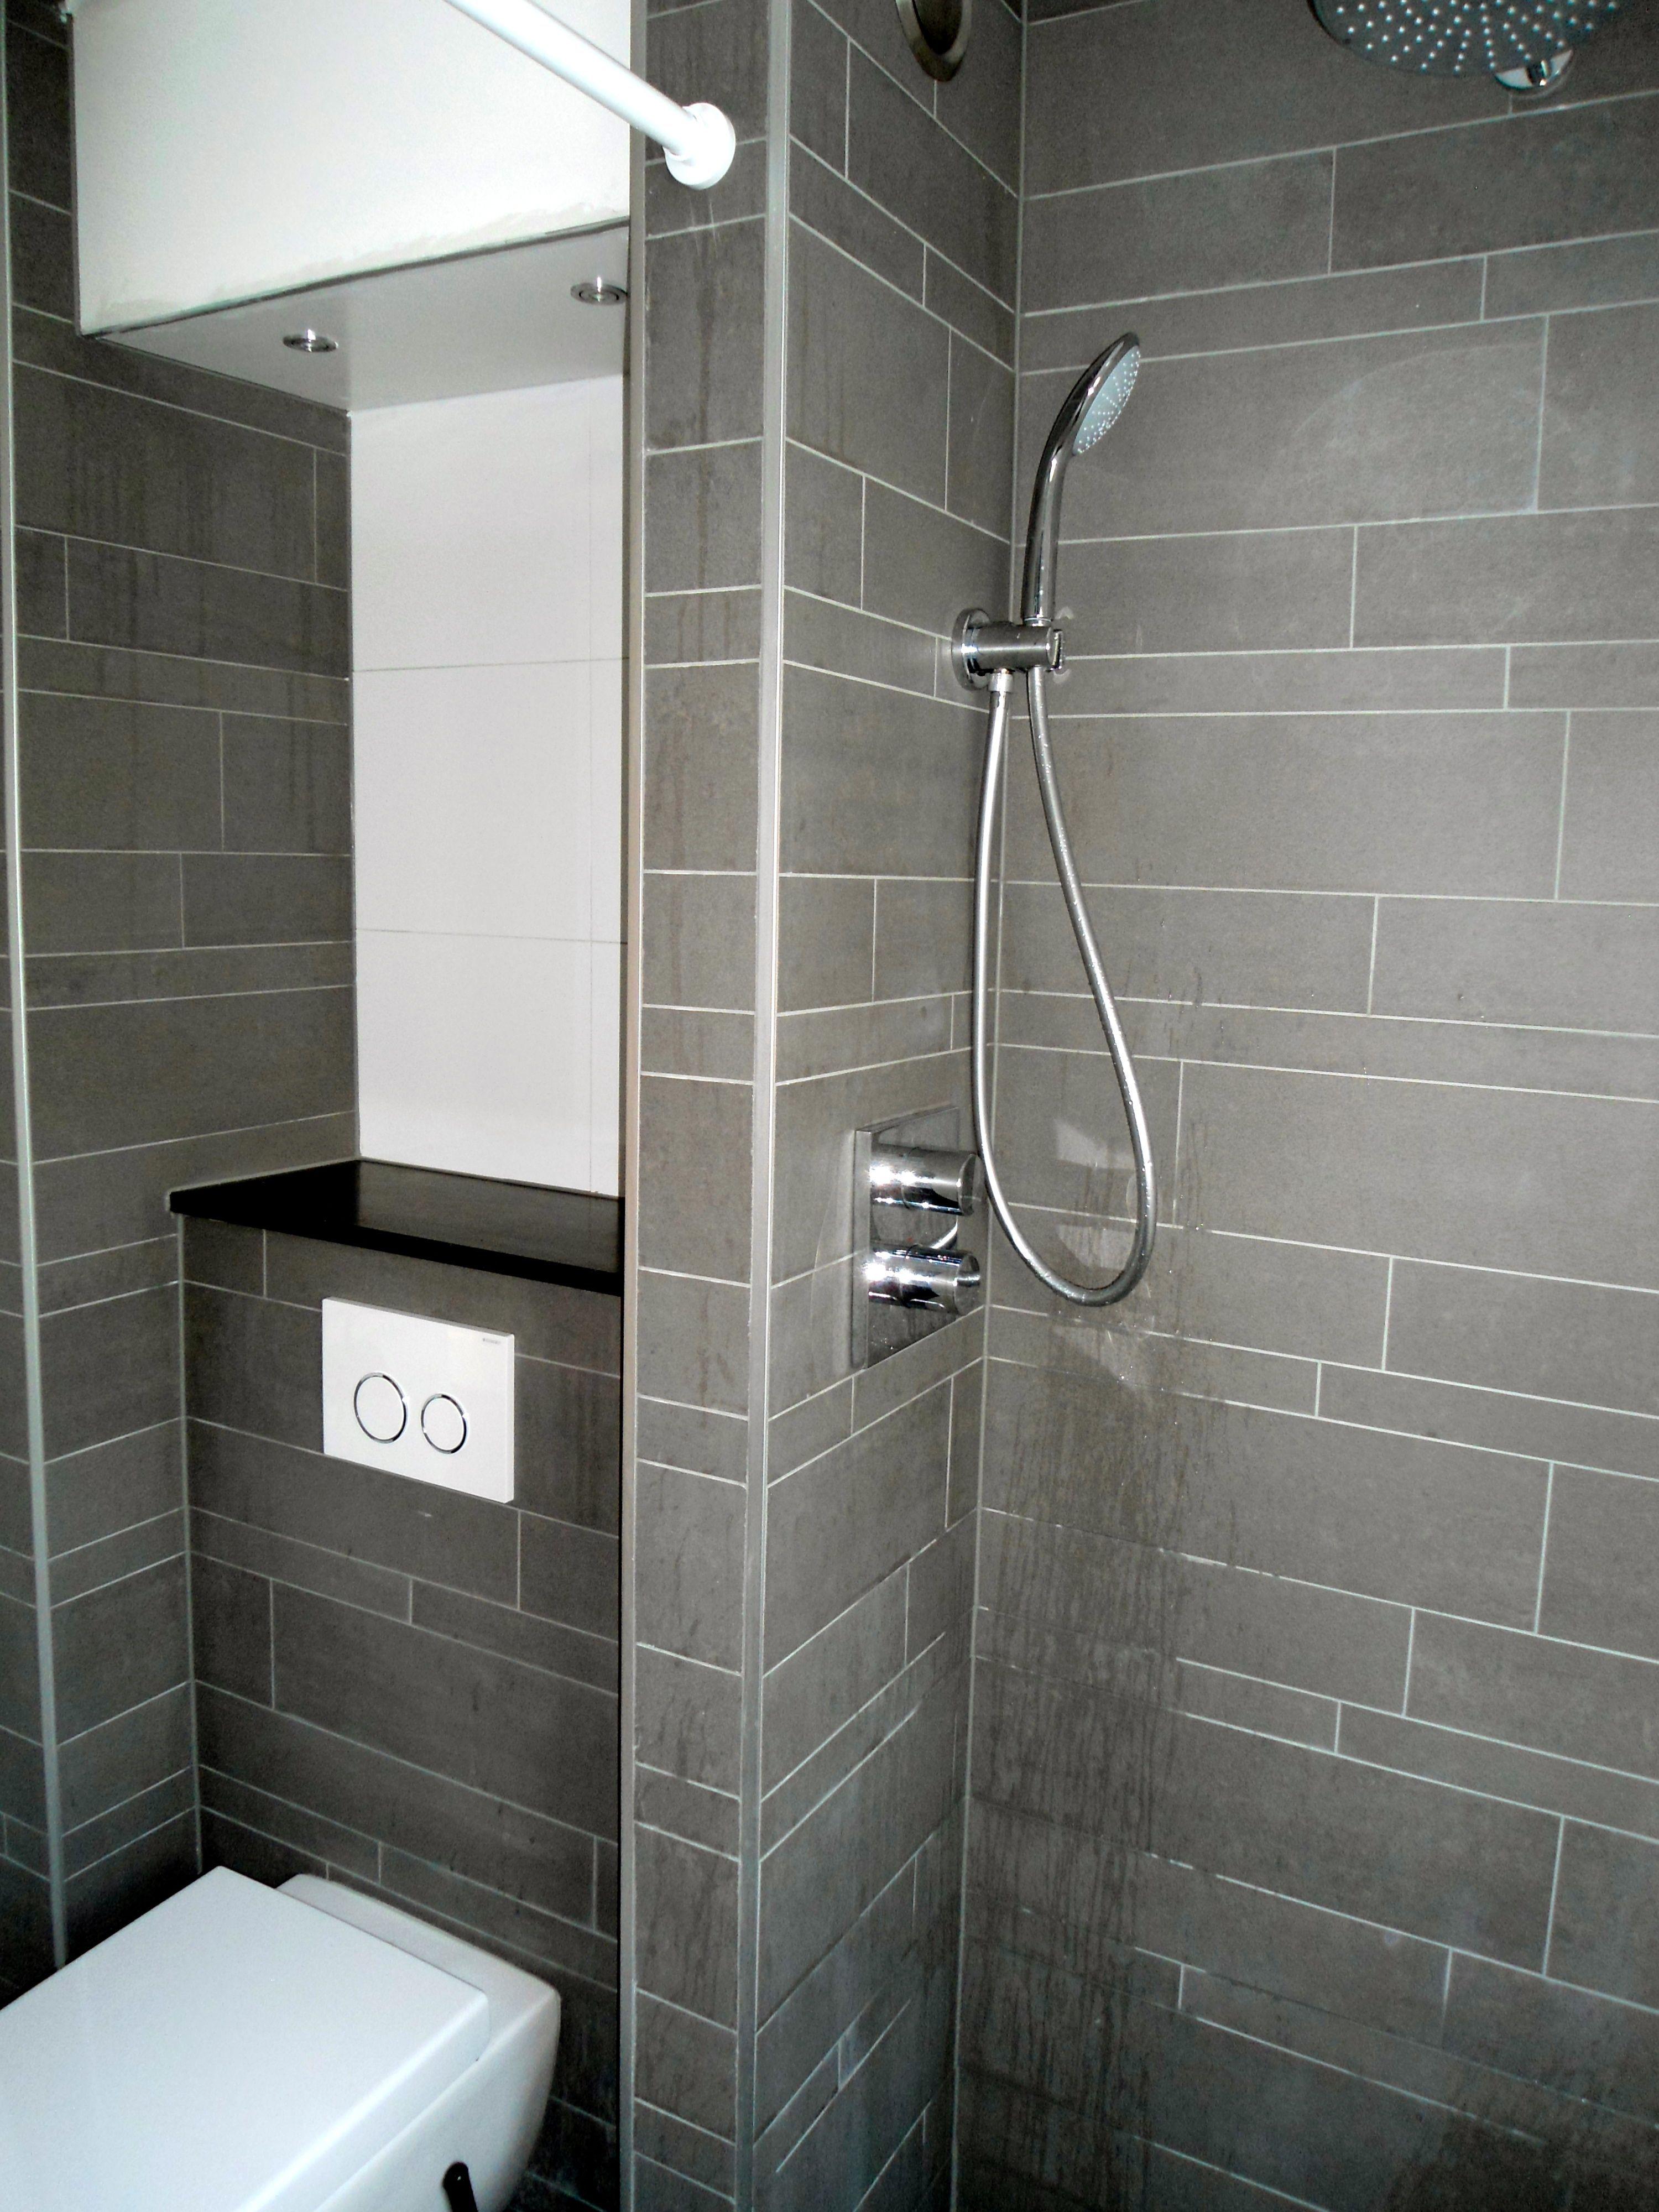 Badkamer met douche en toilet digtotaal - Badkamer ideeen met douche ...